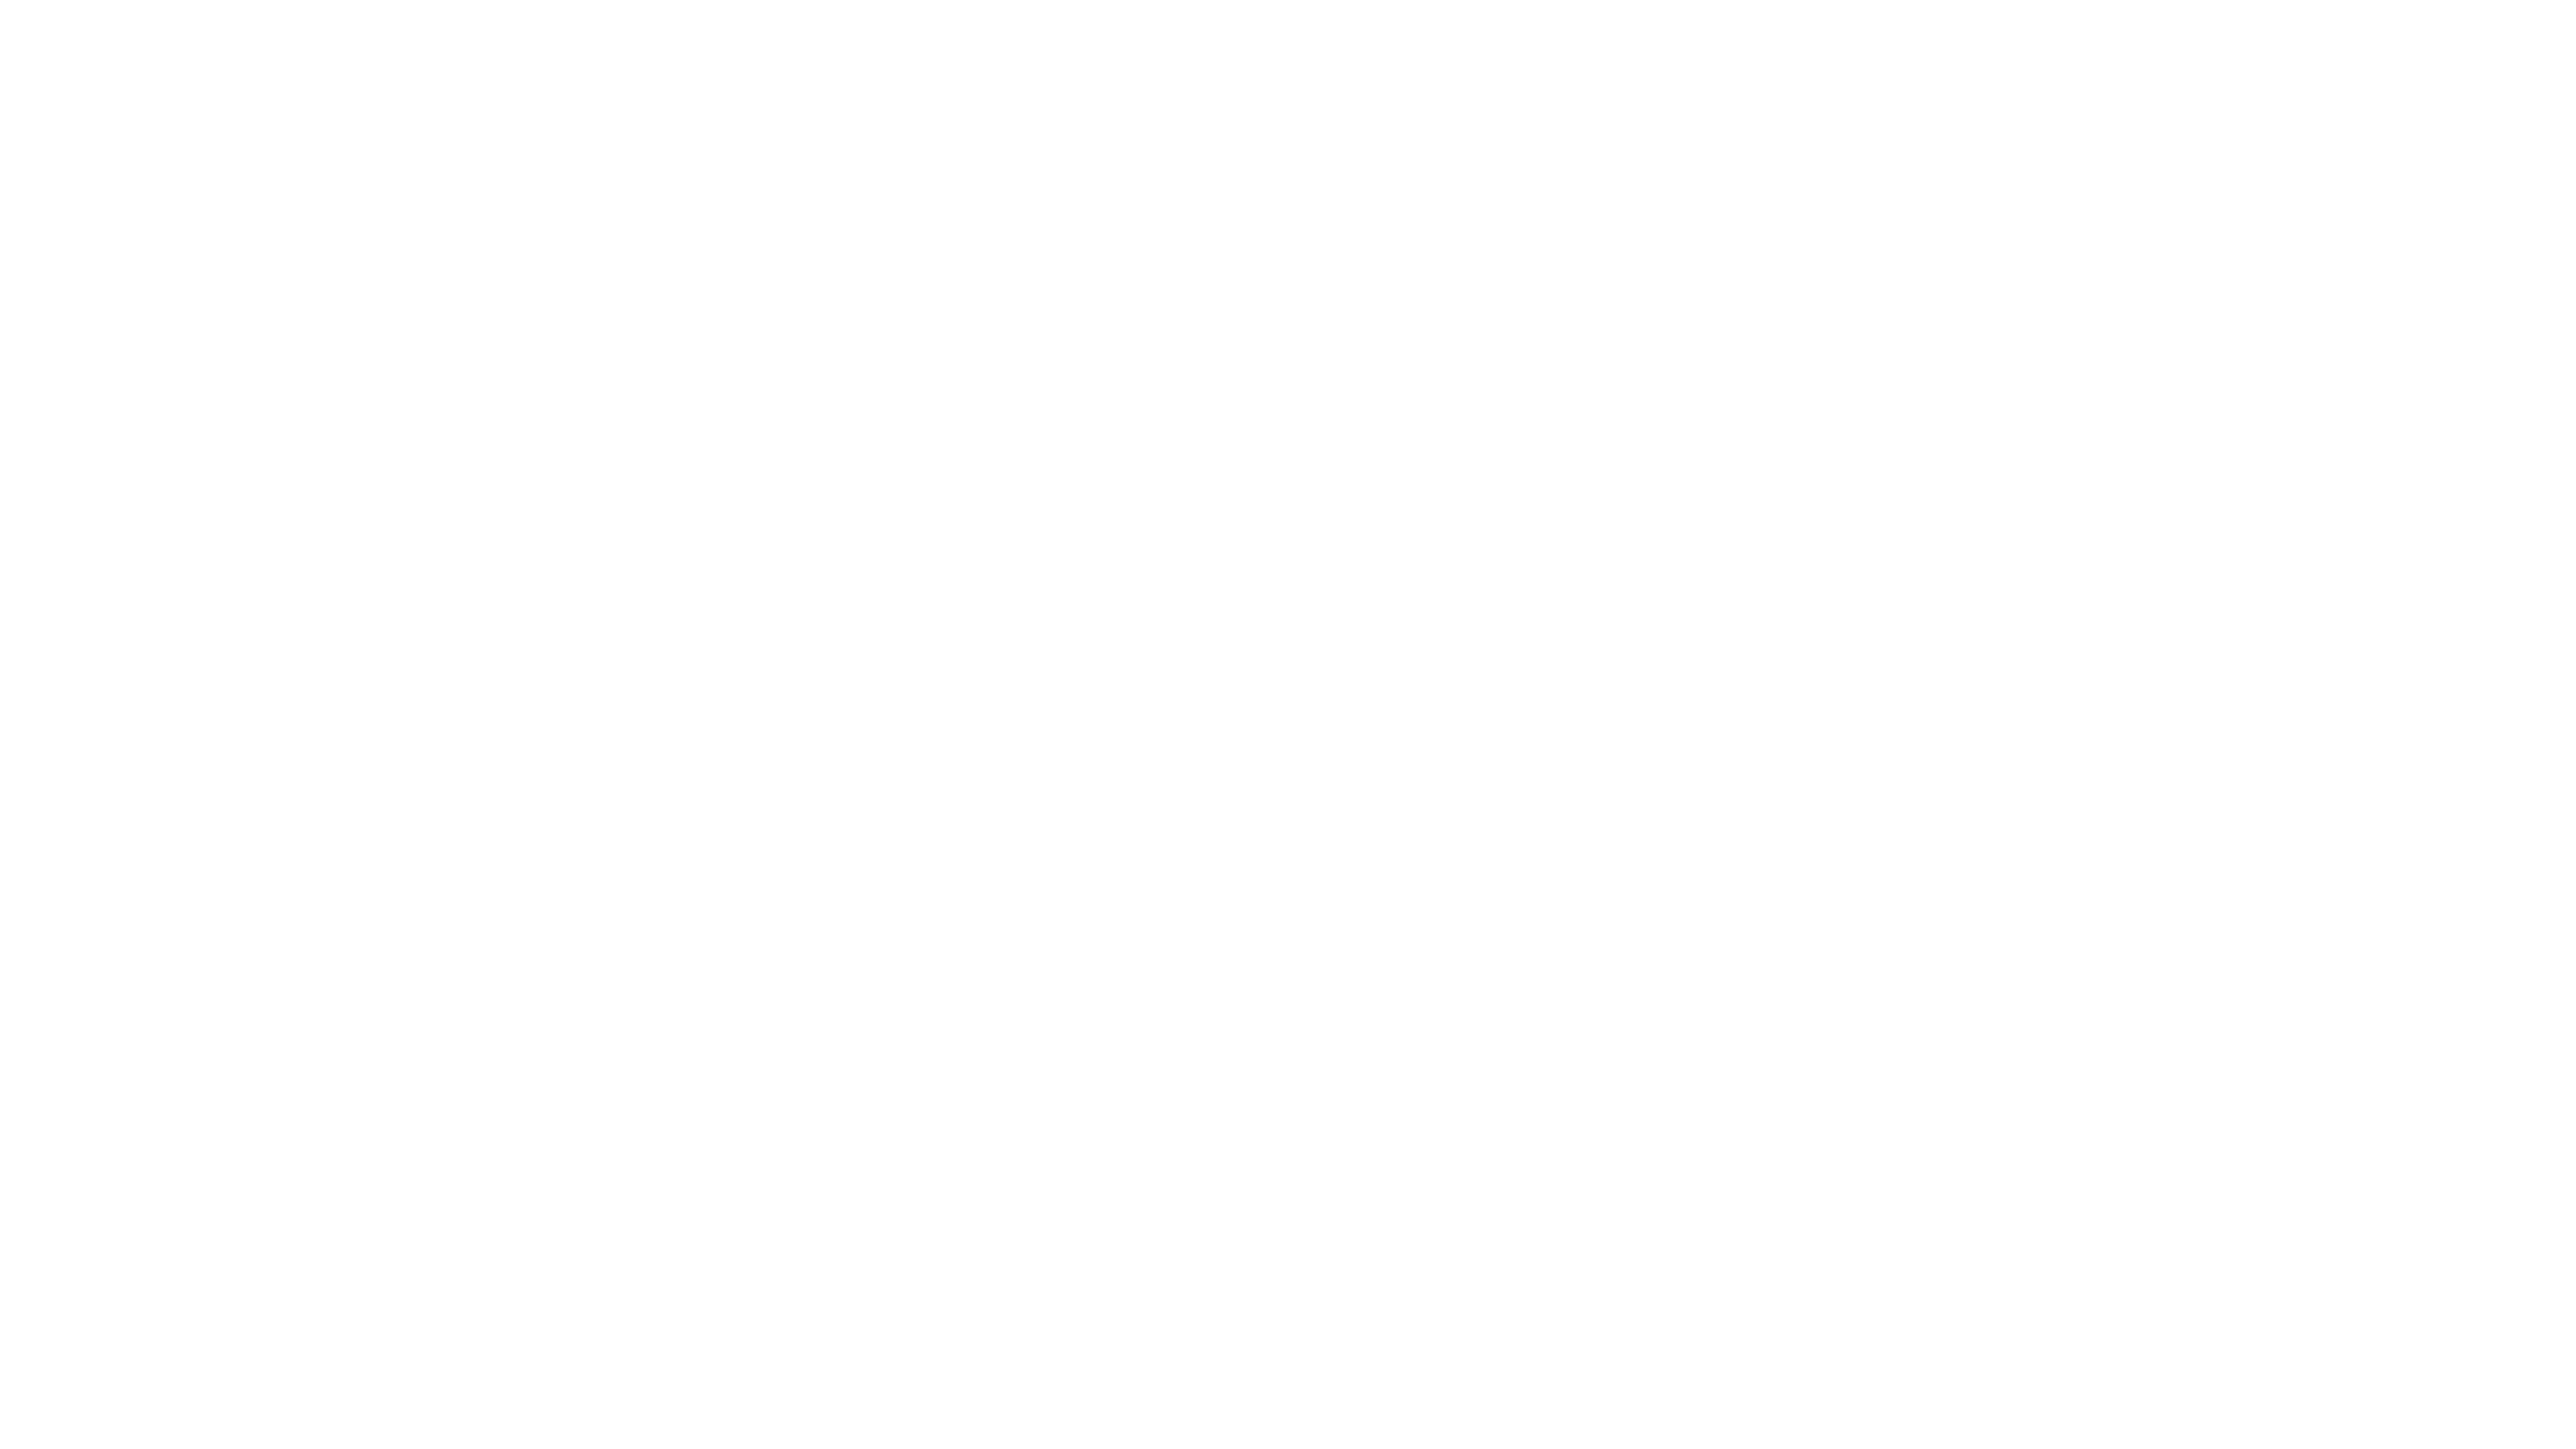 شبكة الأخبار الإماراتية ENN